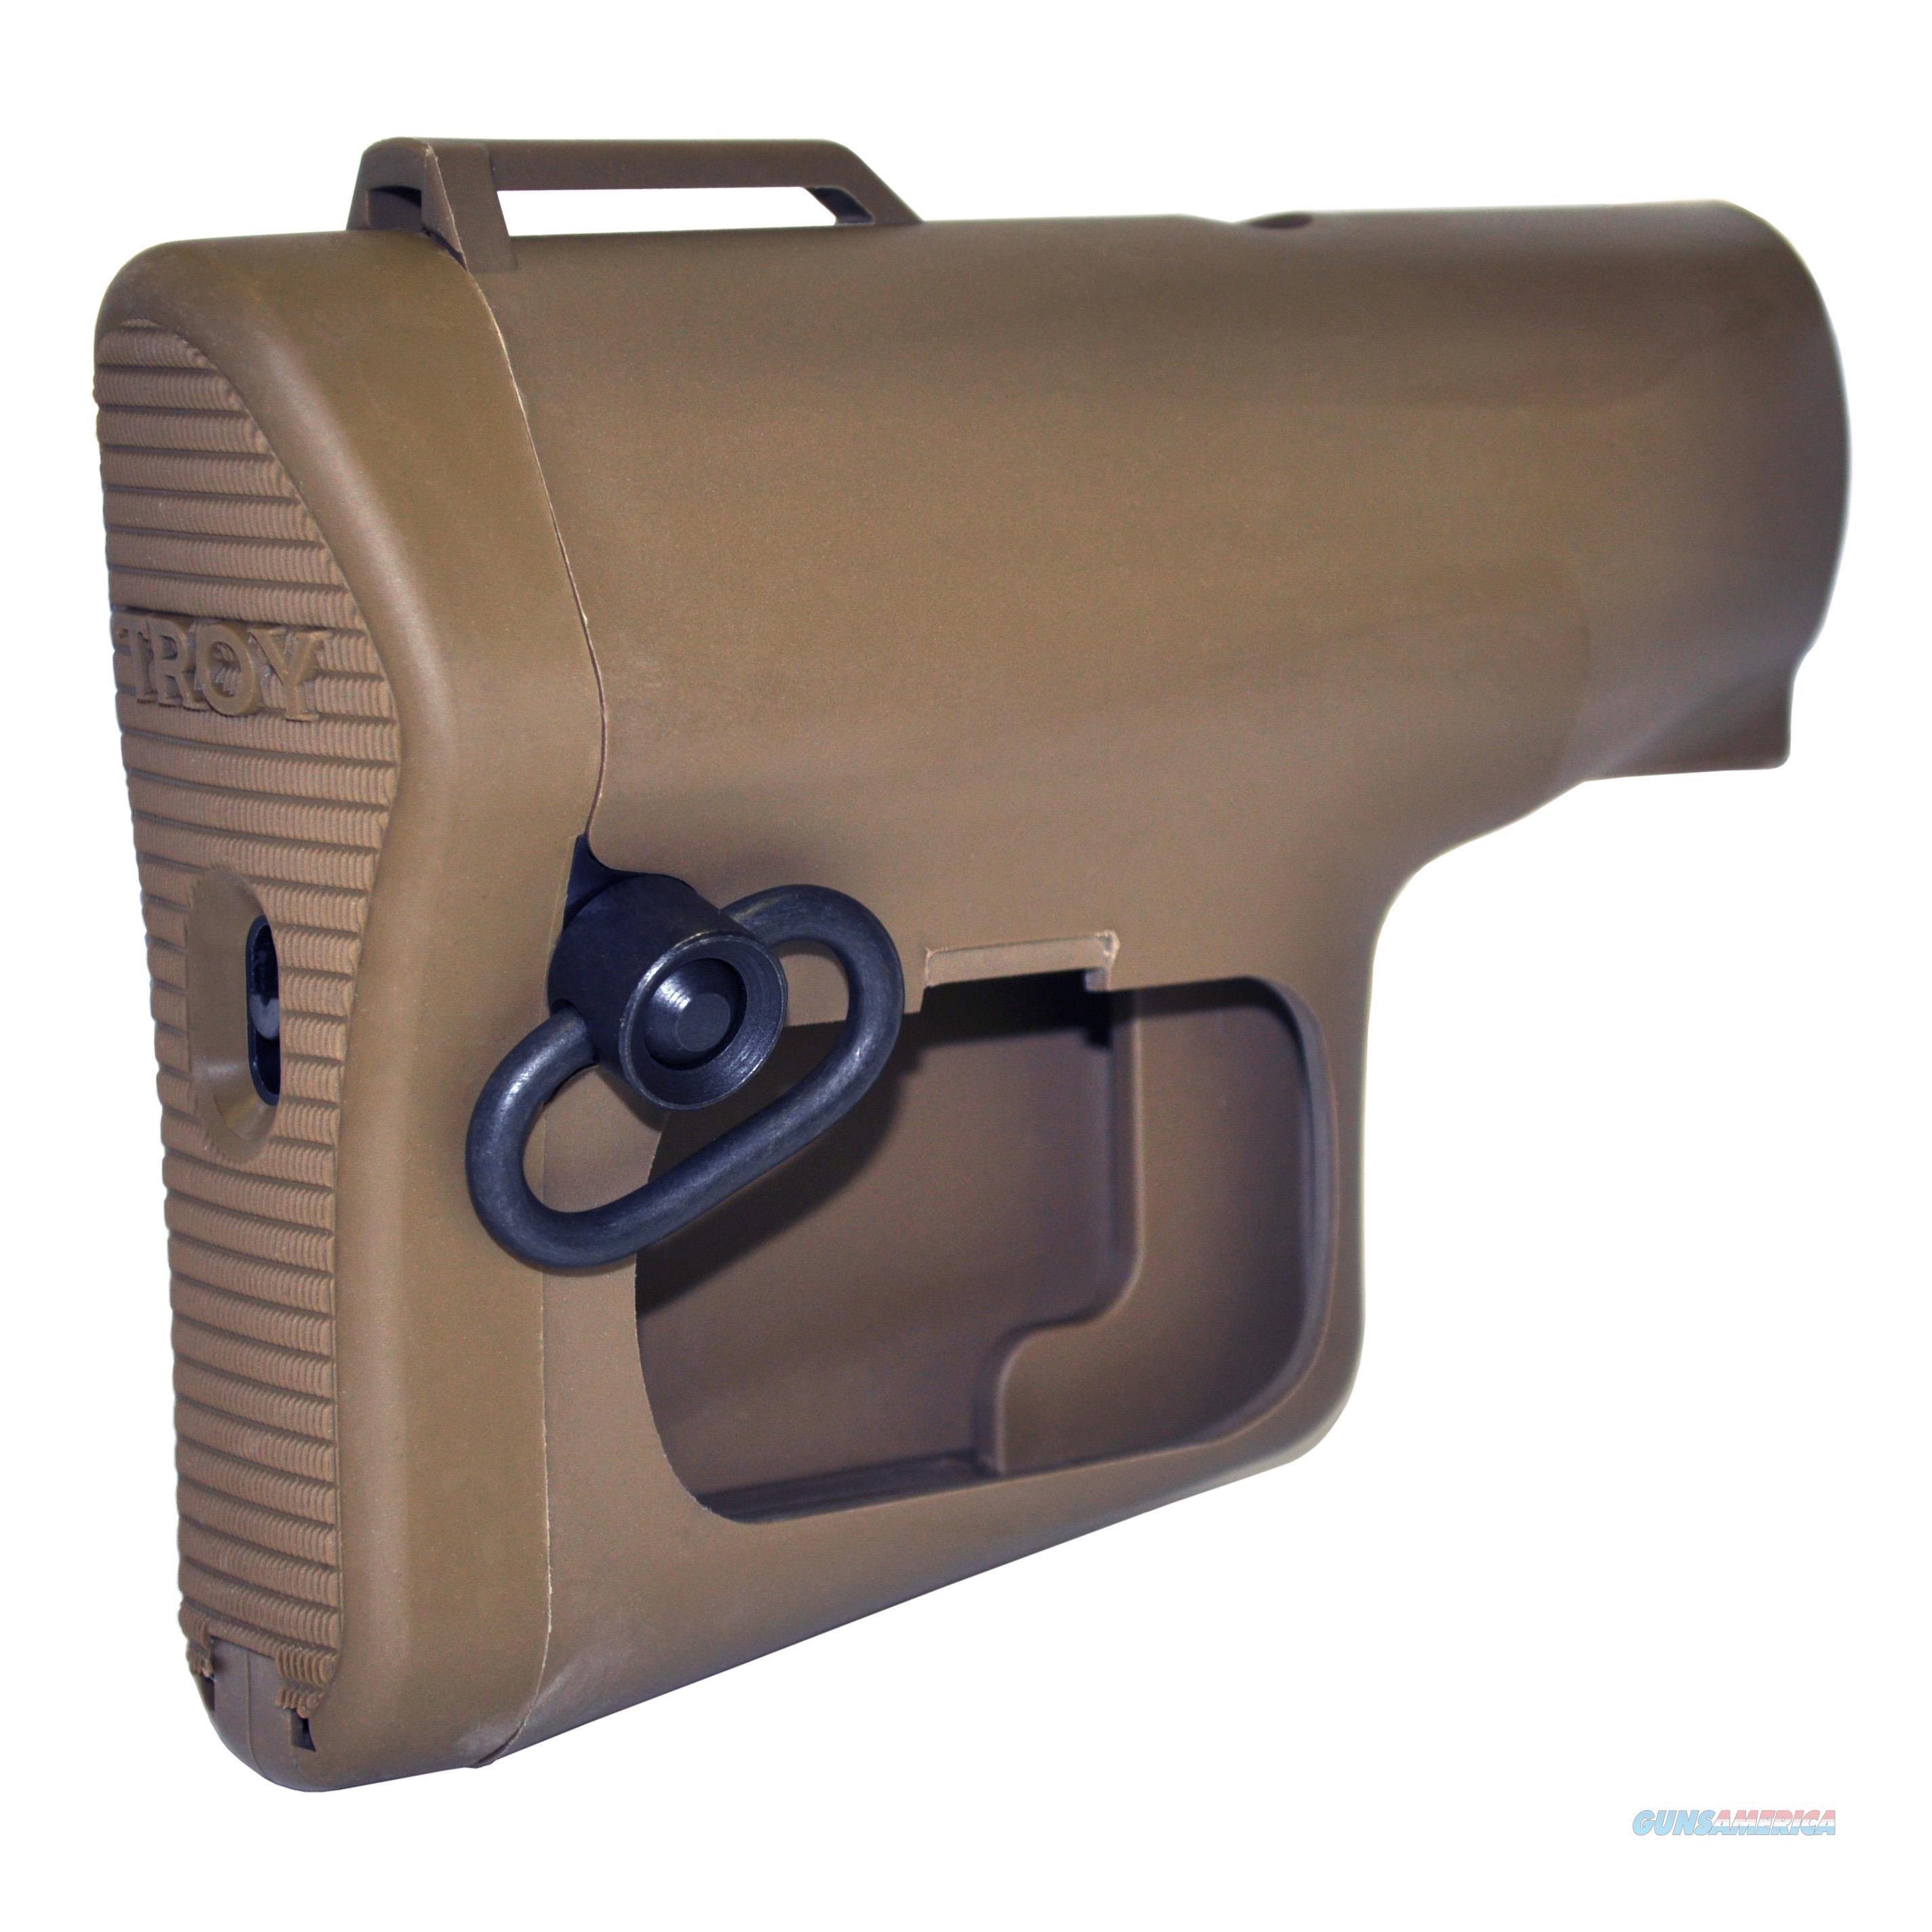 Troy Industries Inc Gps Nav Stock SBUT-GPS-00TT-01  Non-Guns > Gunstocks, Grips & Wood